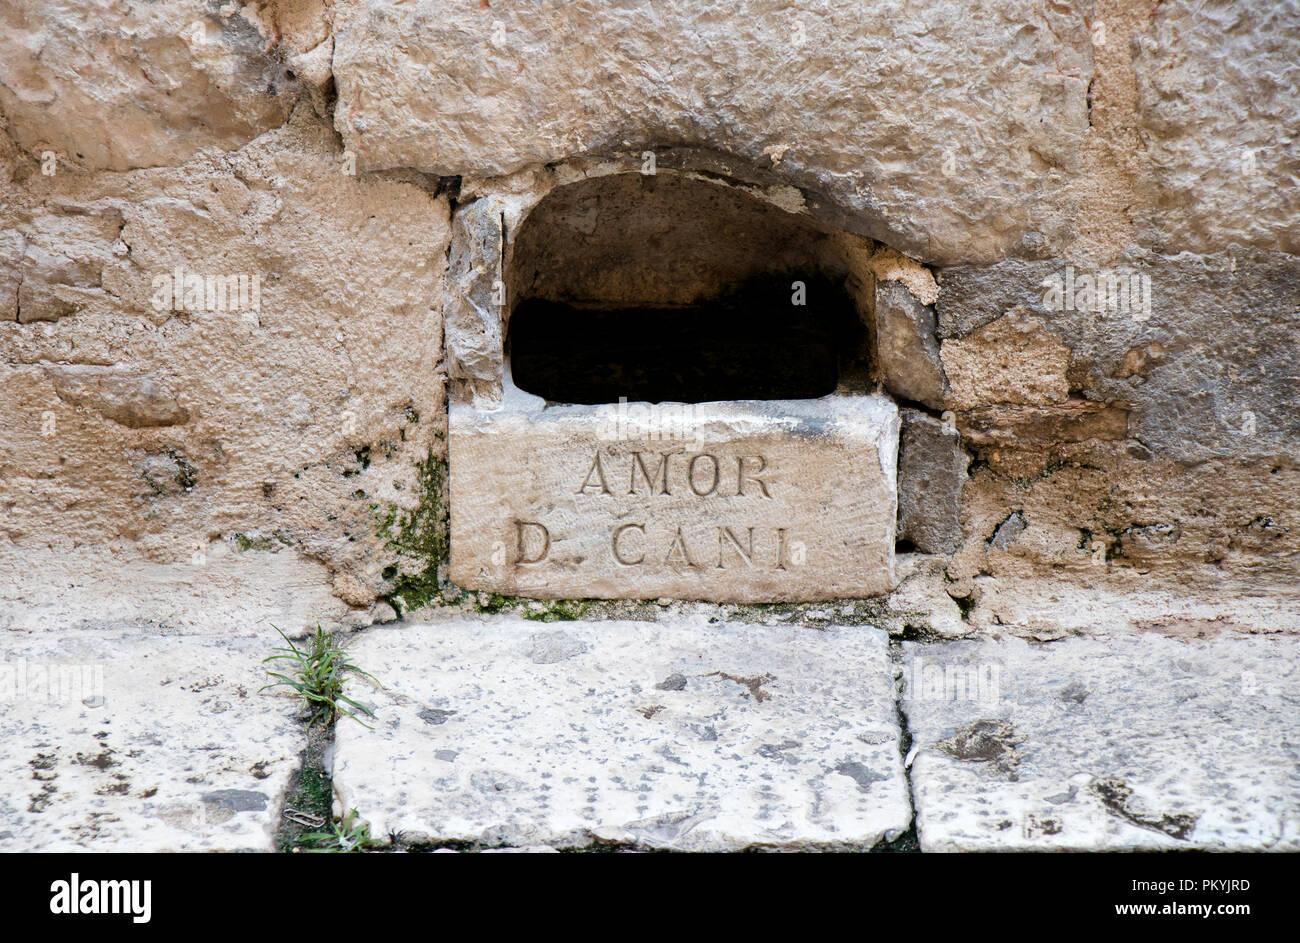 Foro di irrigazione , pietra ciotola fatta nella parete di facciata della casa nella città vecchia di Sebenico Main Street, con segno latino AMOR D CANI , era uomo-realizzato per fornire dri Immagini Stock